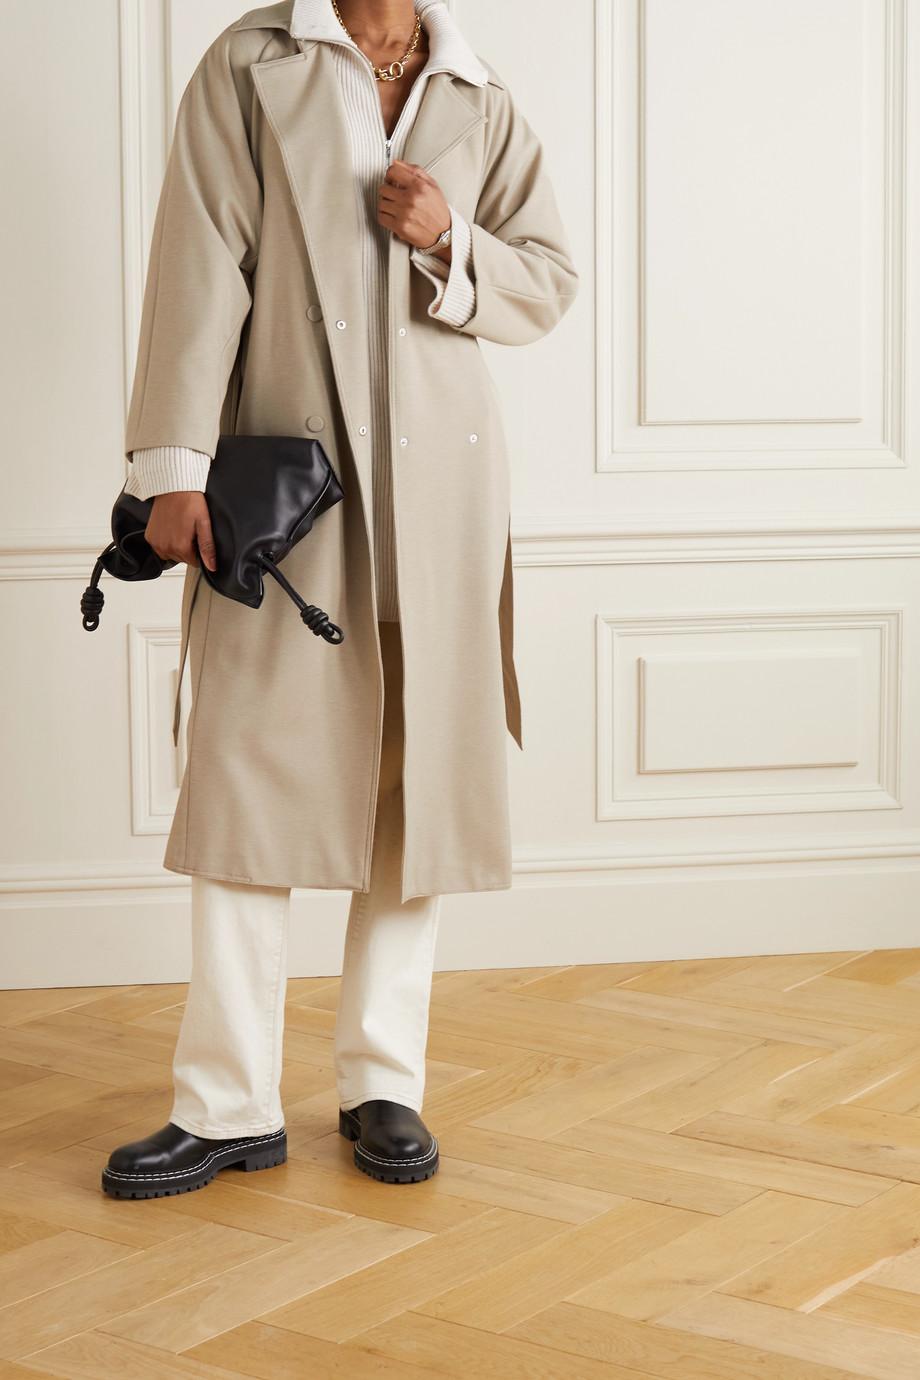 Max Mara Trench-coat à double boutonnage en jersey de laine mélangée à ceinture Cinghia Leisure